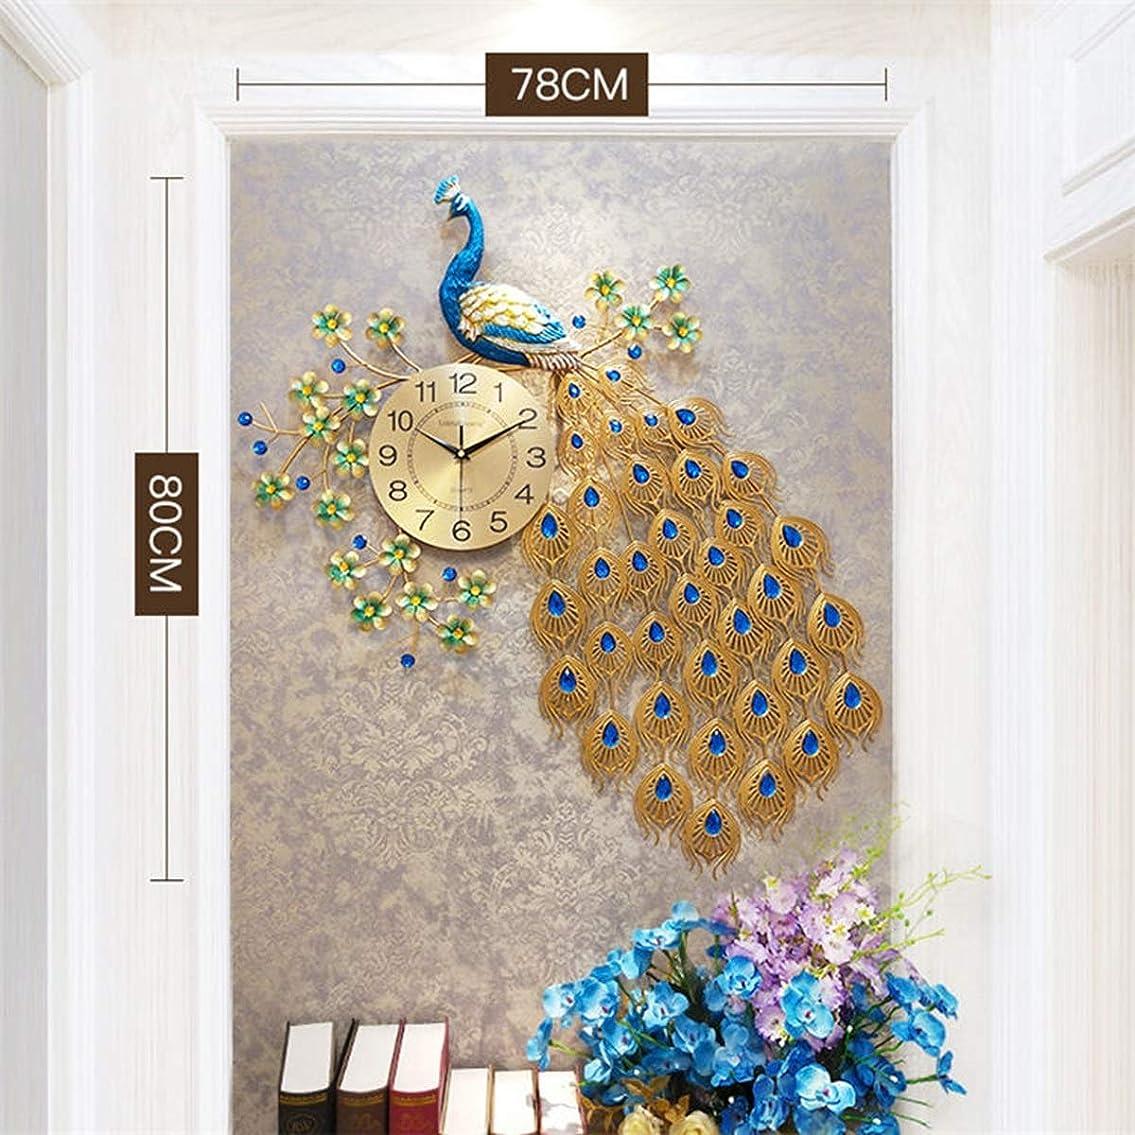 幸運マーベルいう大型クリエイティブウォールクロックwclt孔雀ダイヤモンドミュートクロック用リビングルーム家の装飾デジタルメタルクリスタル現代の時計ウォールウォッチ (Style : 2)